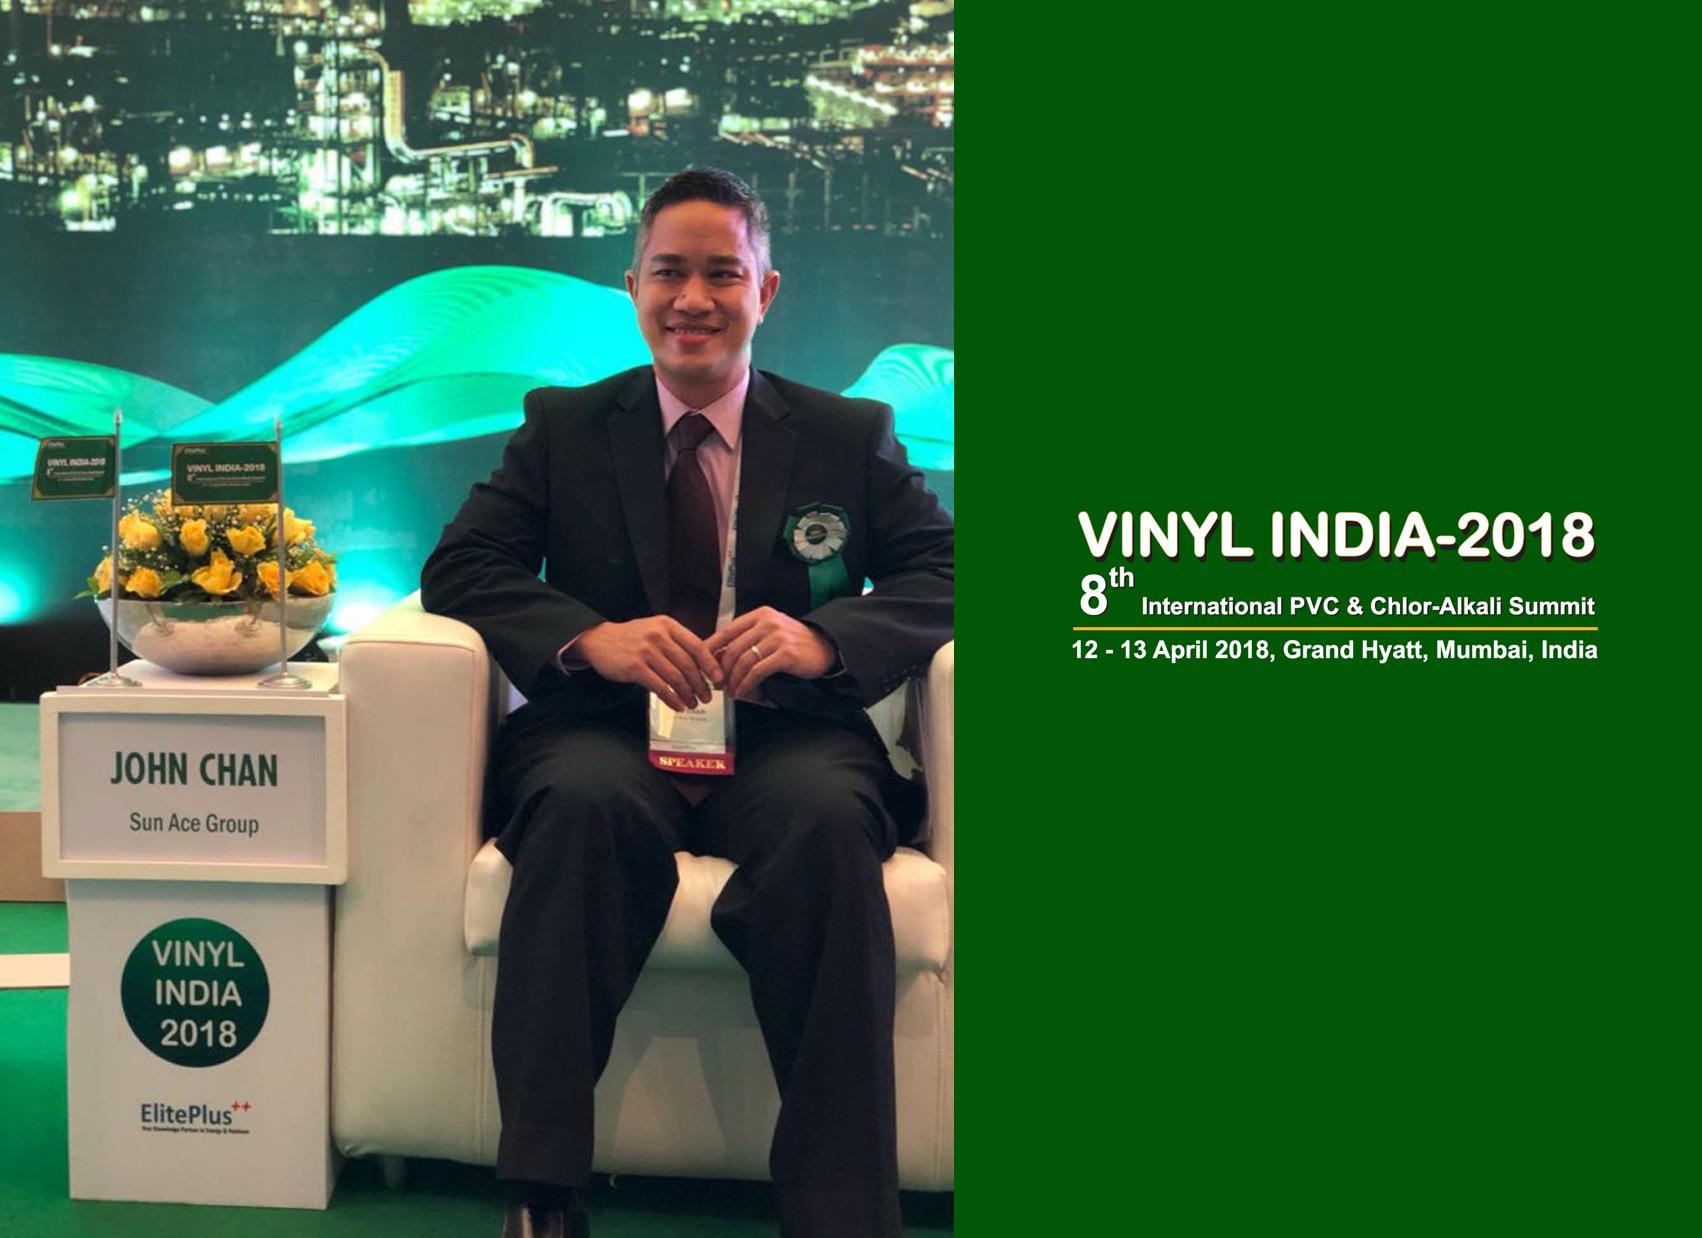 Sun Ace Australia Vinyl India 2018